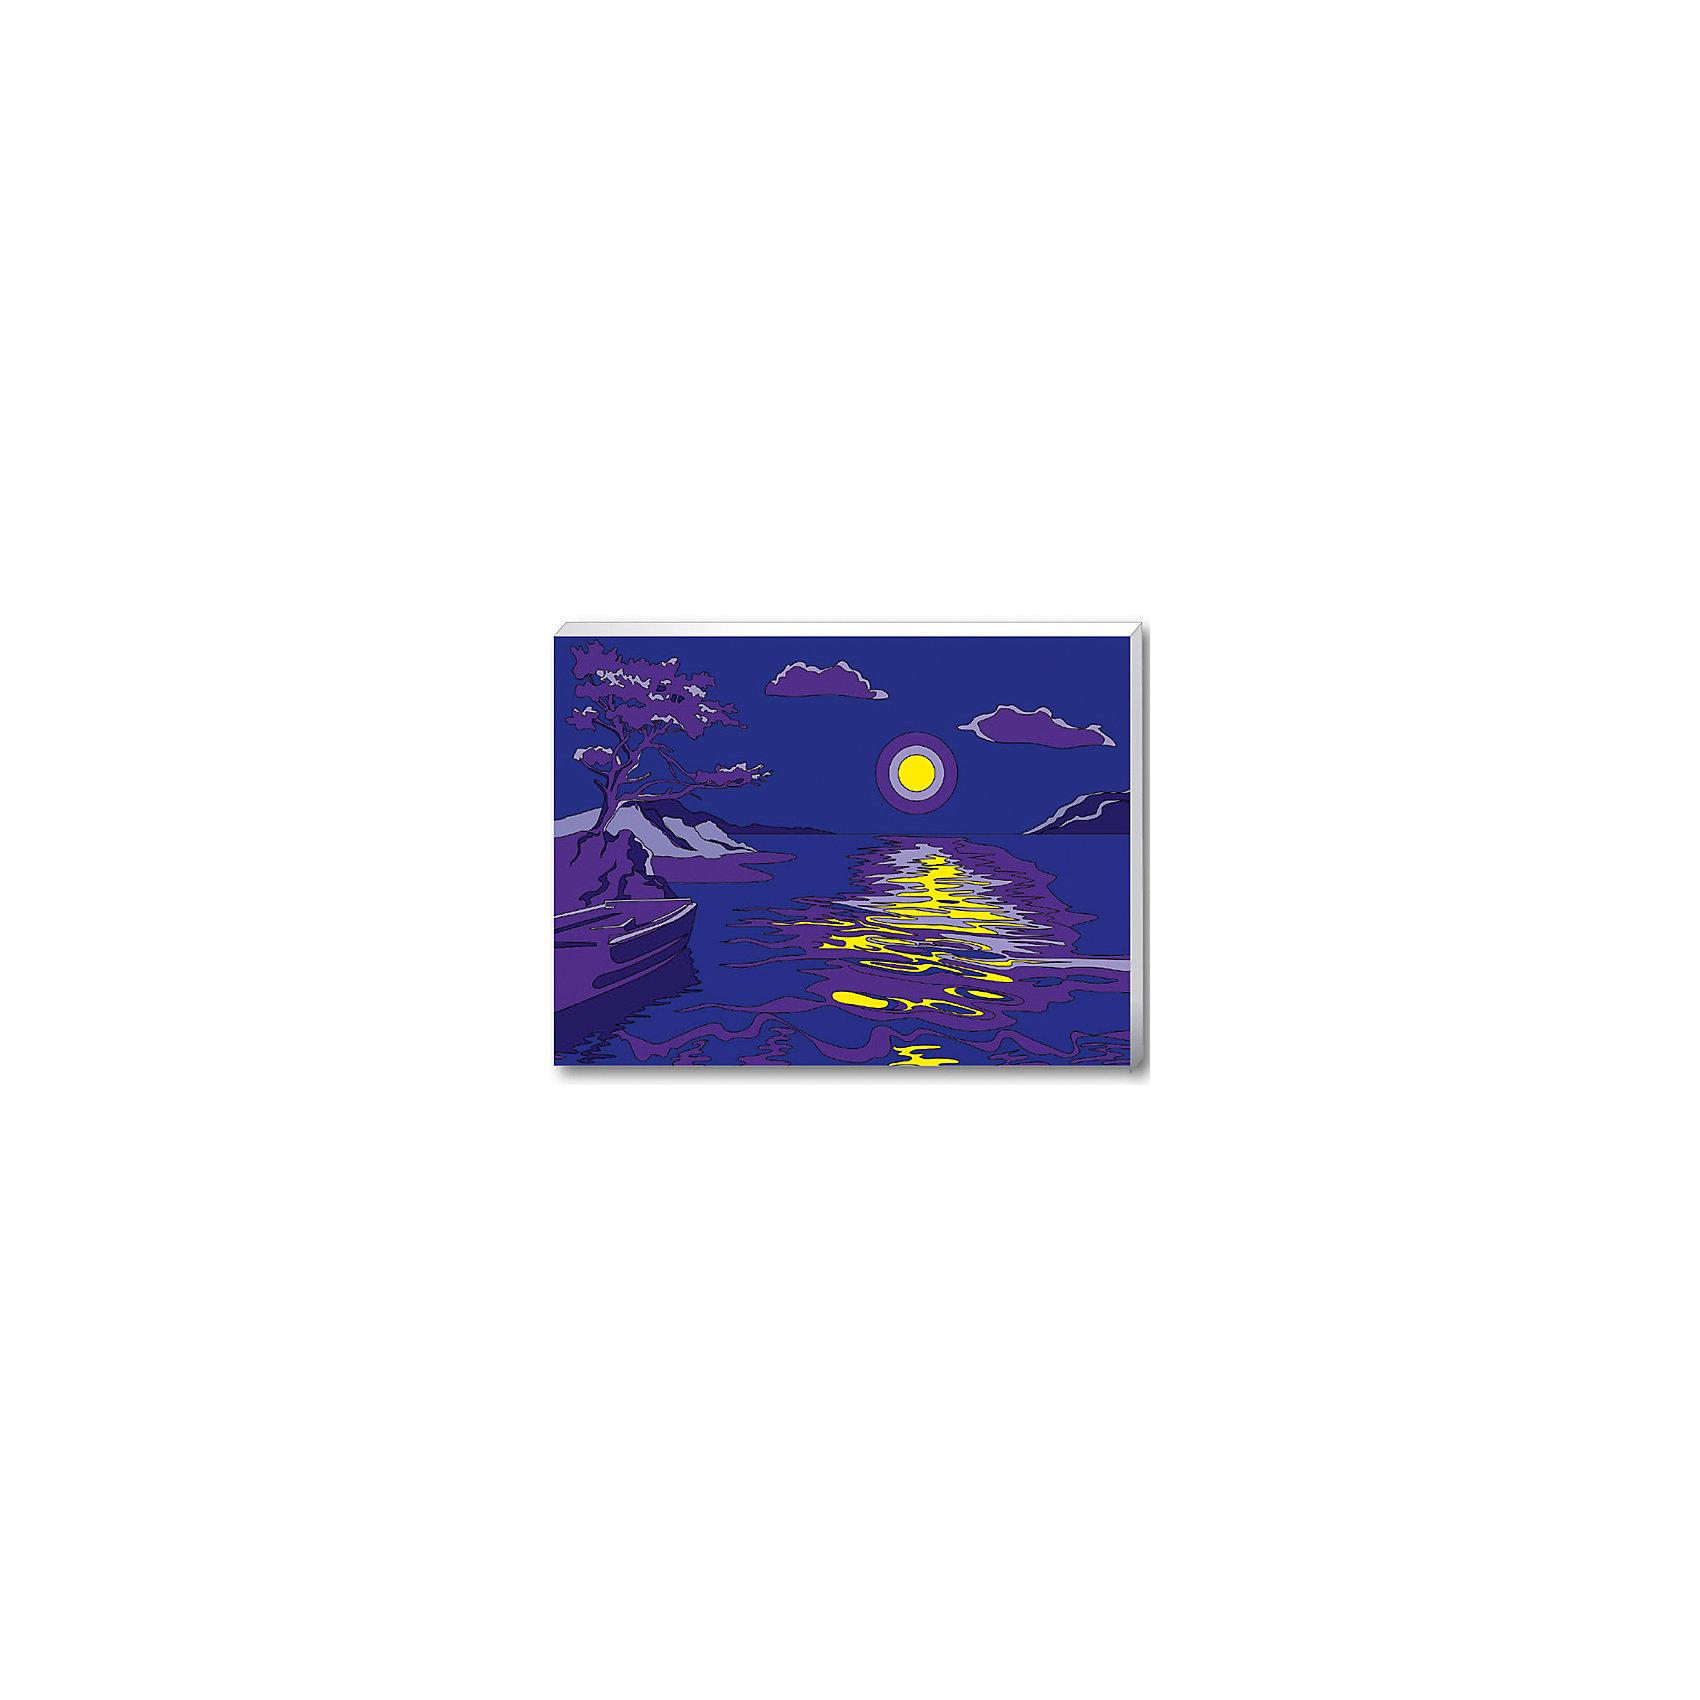 Роспись по номерам Лунная соната 30х40 см, КРЕАТТОДобро пожаловать в мир КРЕАТТО! Создать романтичную картину «Лунная соната» из серии «Пейзажи» сможет любой человек от 7 до 99 лет, даже не умеющий рисовать. Нужно просто раскрасить пронумерованные фрагменты рисунка пронумерованными красками, которые отлично закрашивают все контуры. А если вдруг появится ошибка, то исправить ее поможет контрольная схема рисунка. Раскрашивание холста увлекательно и для детей, и для взрослых. А получившаяся картина с блестящей лунной дорожкой станет эффектным украшением интерьера. &#13;<br>В наборе для росписи холста по номерам: холст размером 30х40 см с контурным рисунком, натянутый на деревянную рамку, 6 цветов акриловых красок в металлических тубах, краска с блестками, палитра, 2 кисточки, крепежные петли для подвешивания холста, контрольная схема рисунка. Акриловые краски легко ложатся на холст, быстро сохнут, хорошо растворяются в воде, после высыхания становятся водонепроницаемыми. Товар сертифицирован. Возраст: 7+. Срок годности: 3 года.<br><br>Ширина мм: 300<br>Глубина мм: 400<br>Высота мм: 15<br>Вес г: 395<br>Возраст от месяцев: 36<br>Возраст до месяцев: 72<br>Пол: Унисекс<br>Возраст: Детский<br>SKU: 5076616